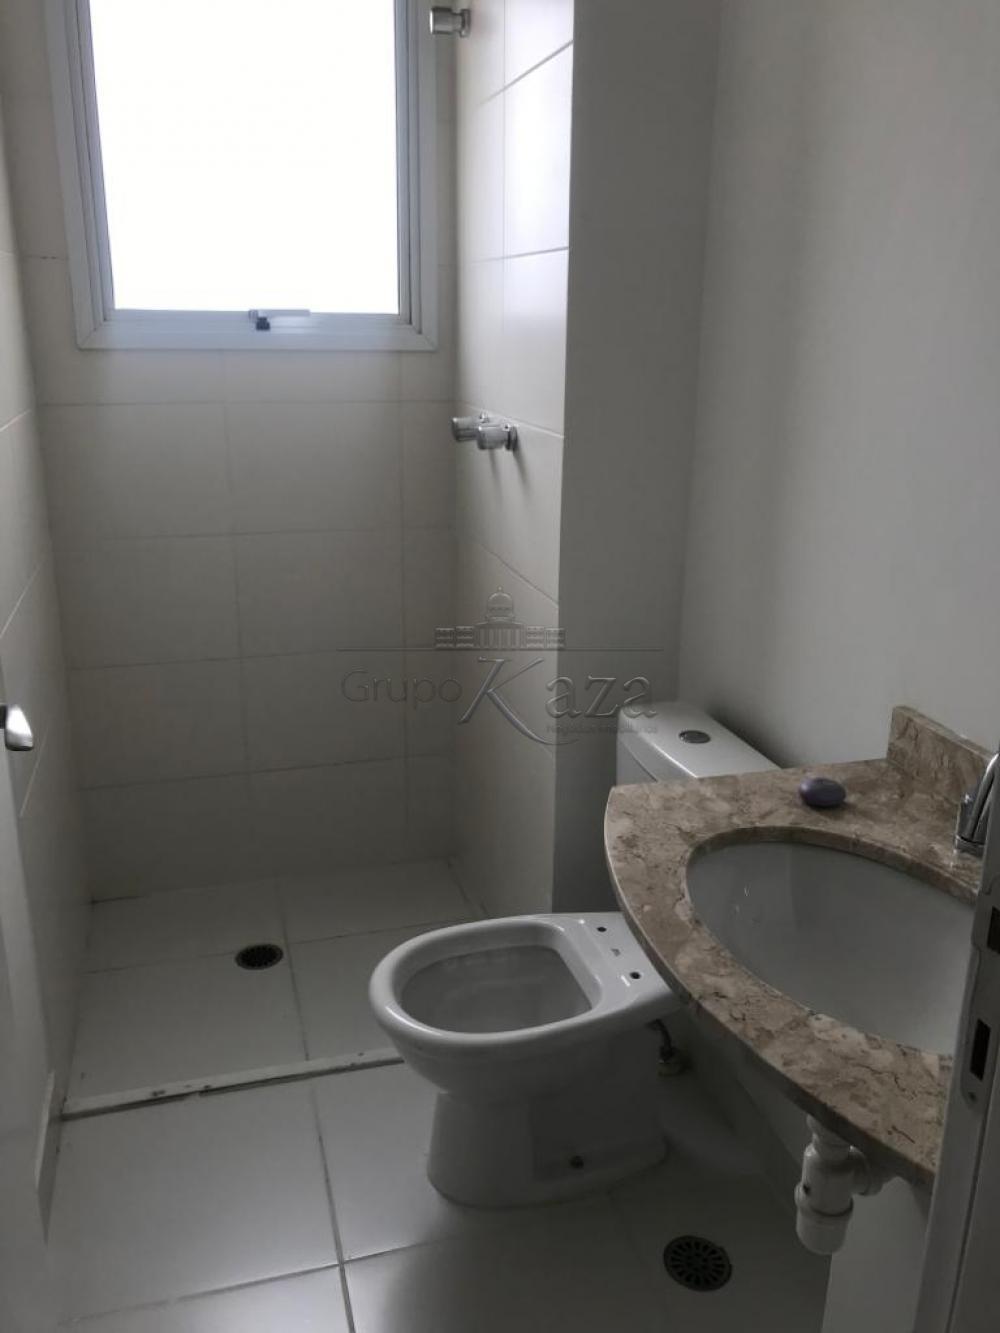 alt='Comprar Apartamento / Padrão em São José dos Campos R$ 350.000,00 - Foto 11' title='Comprar Apartamento / Padrão em São José dos Campos R$ 350.000,00 - Foto 11'